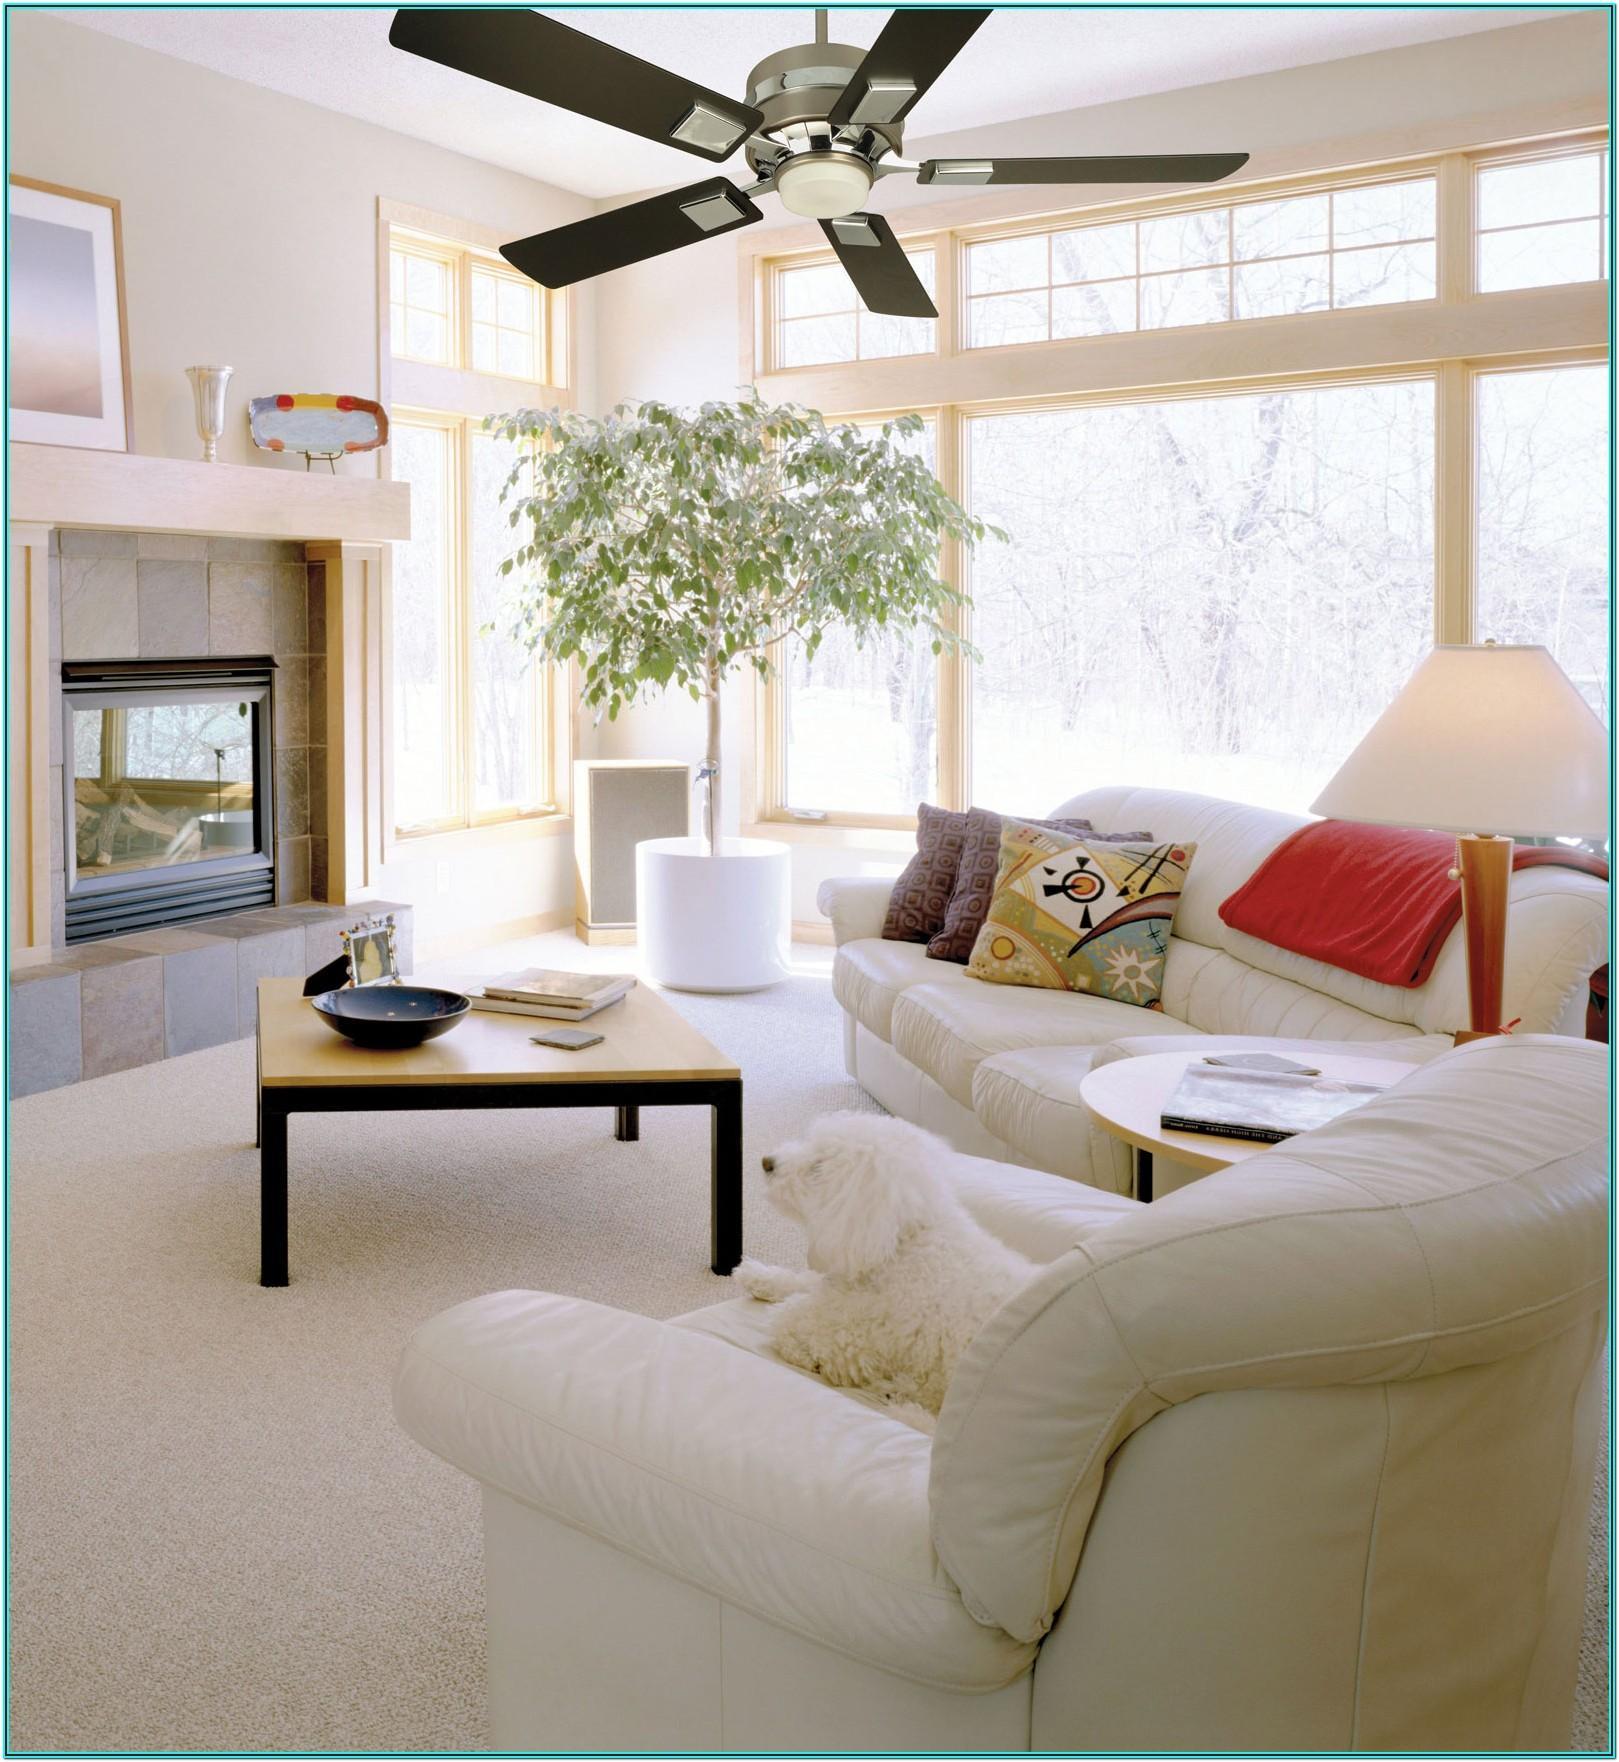 Modern Ceiling Fans For Living Room